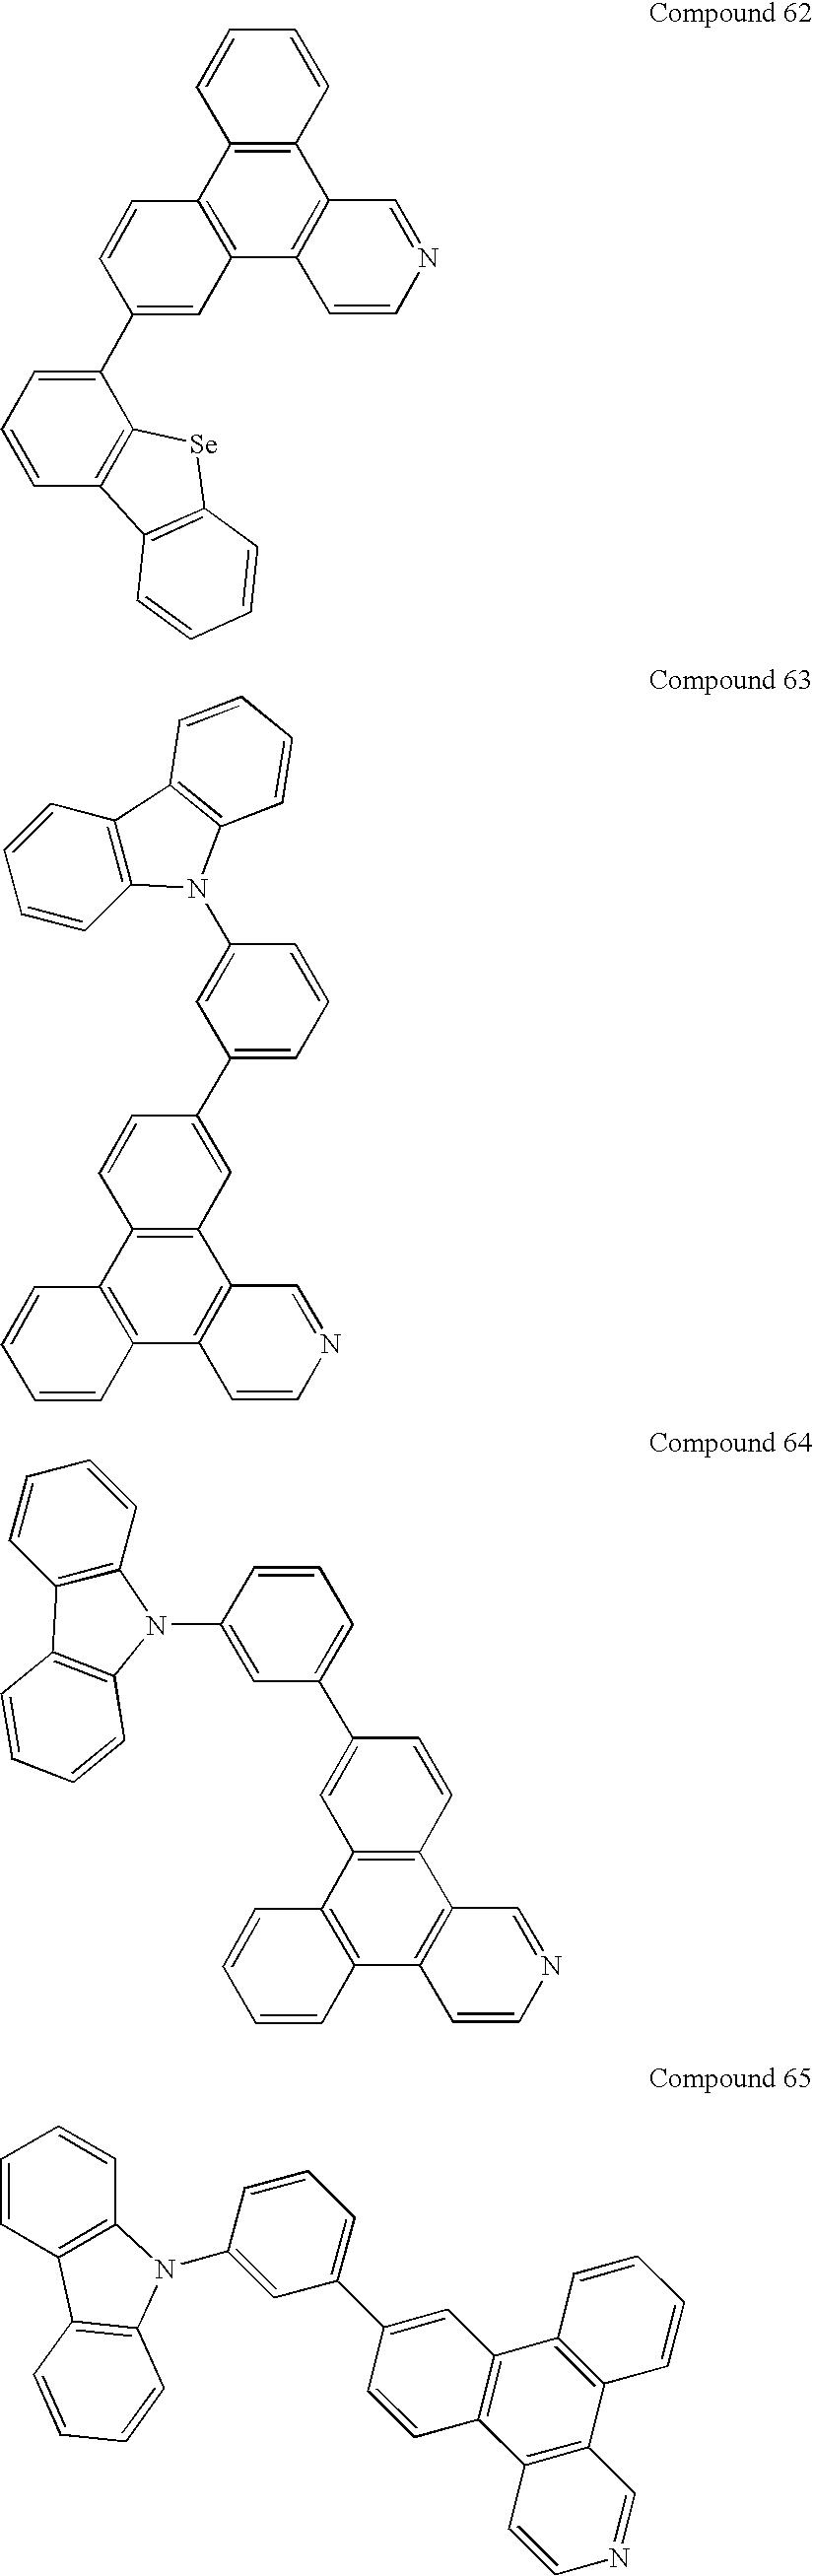 Figure US20100289406A1-20101118-C00045